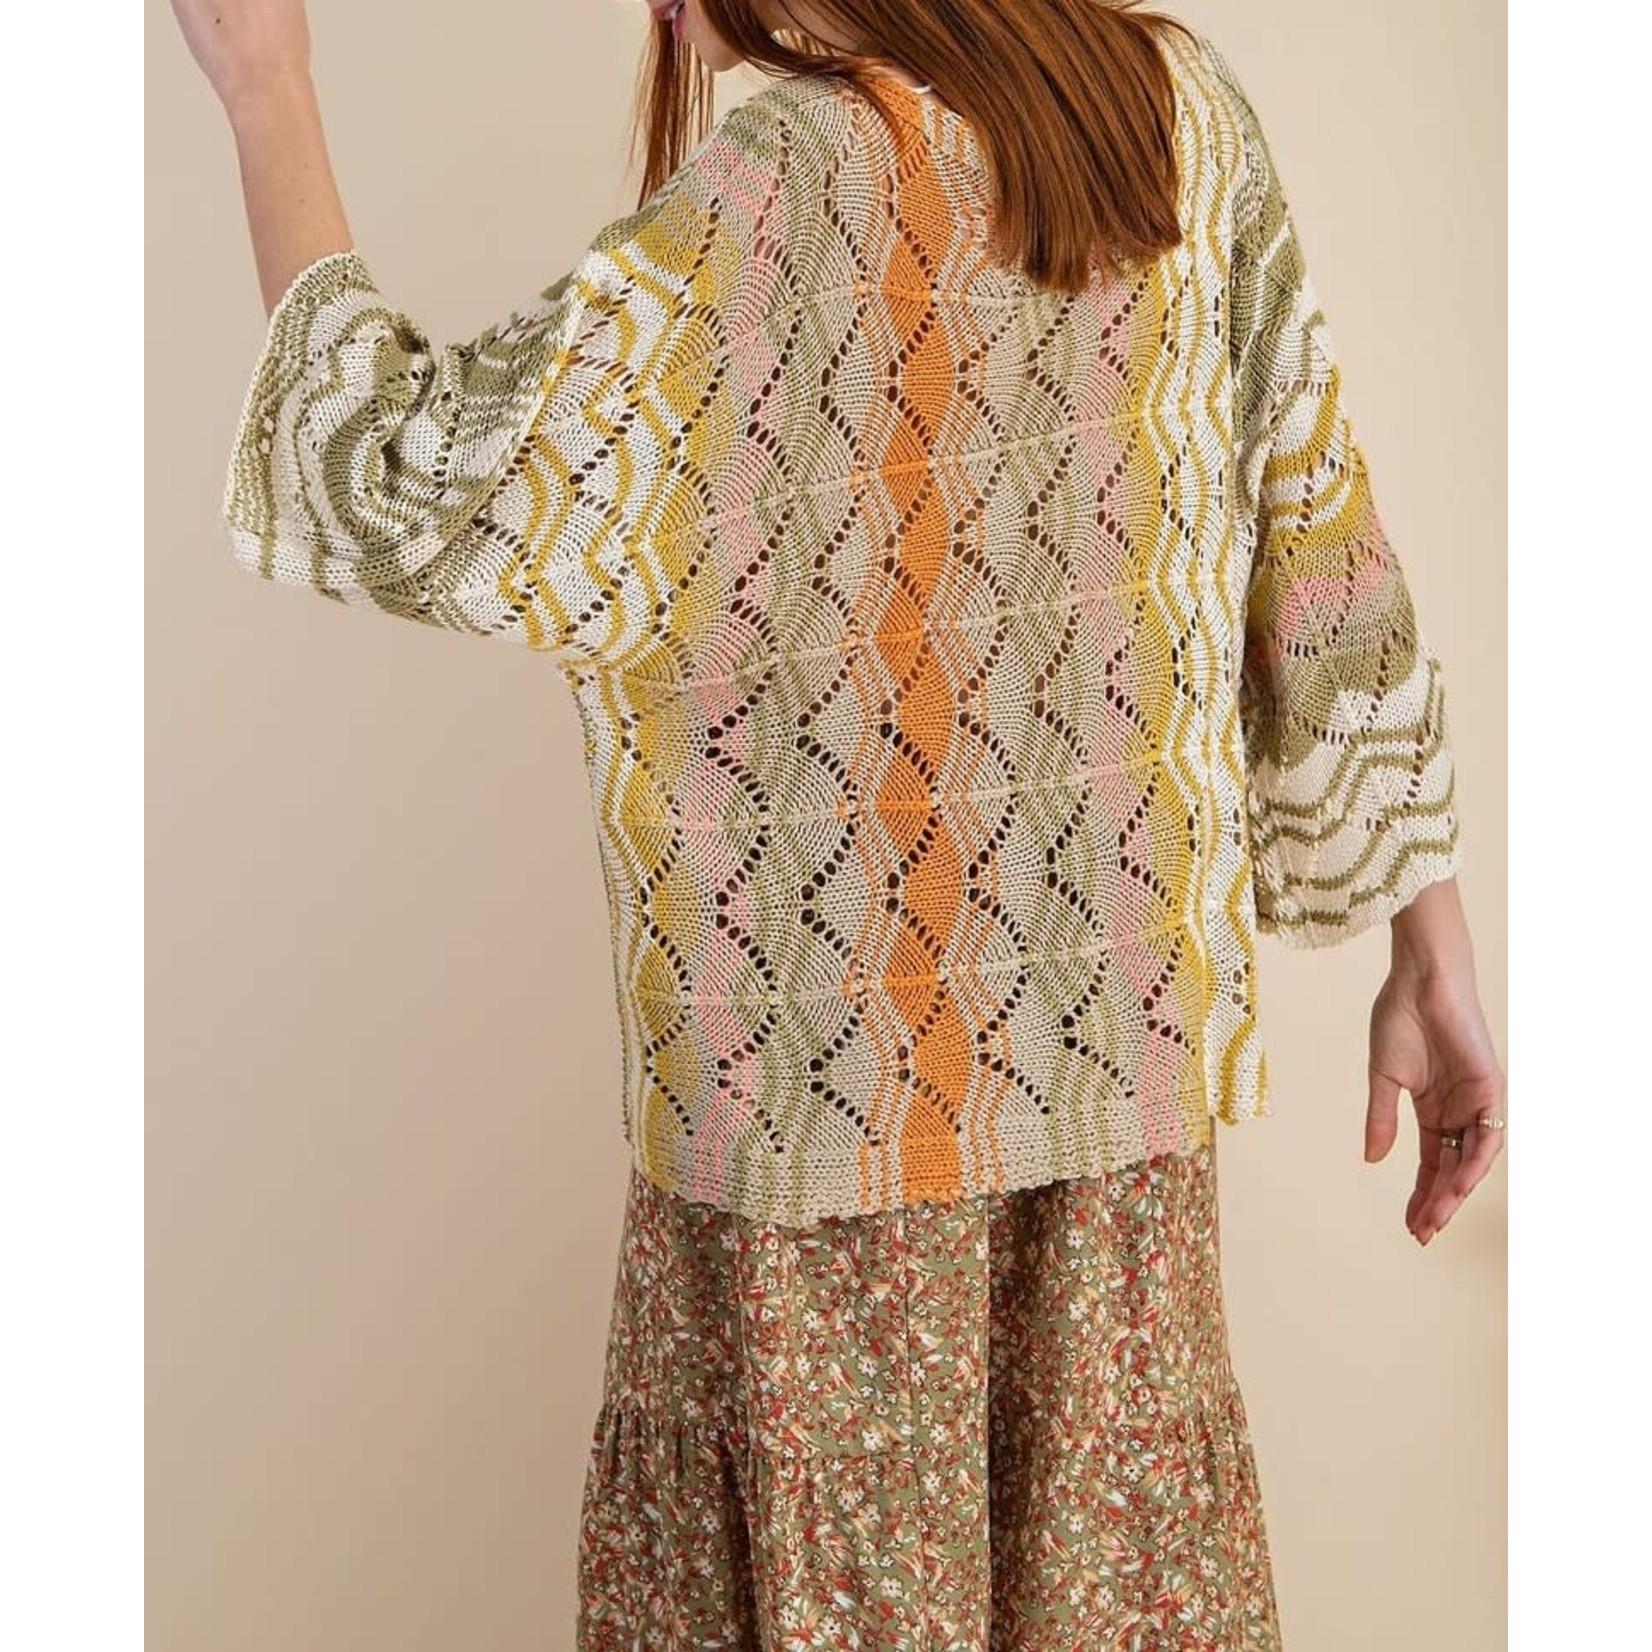 Easel Knitwear: MulticolorThread Mix Top